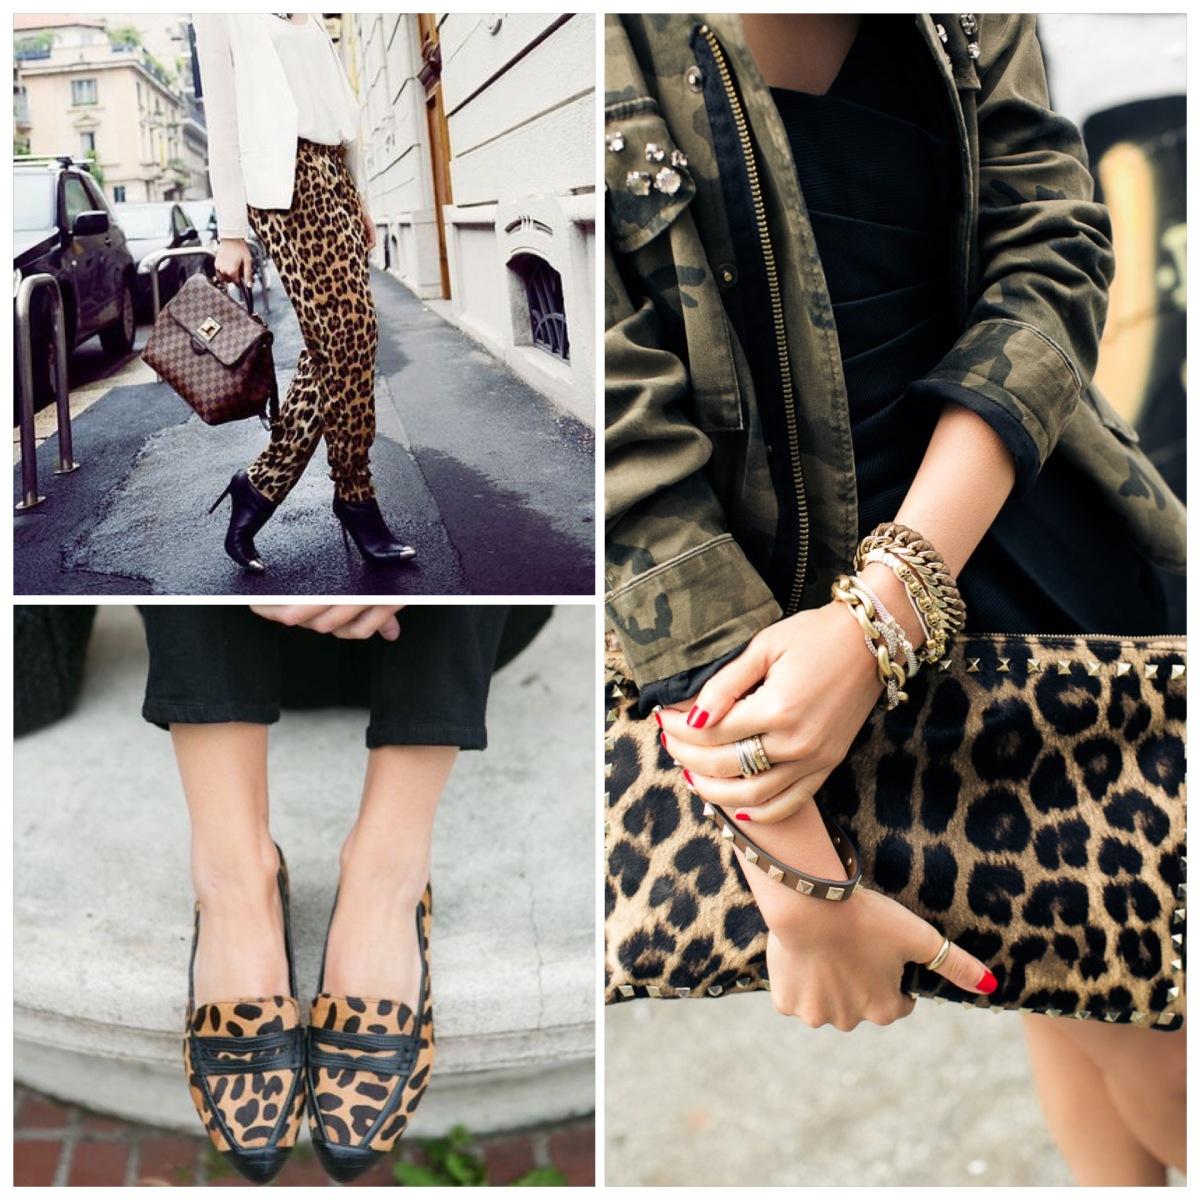 How to wear leopardprints